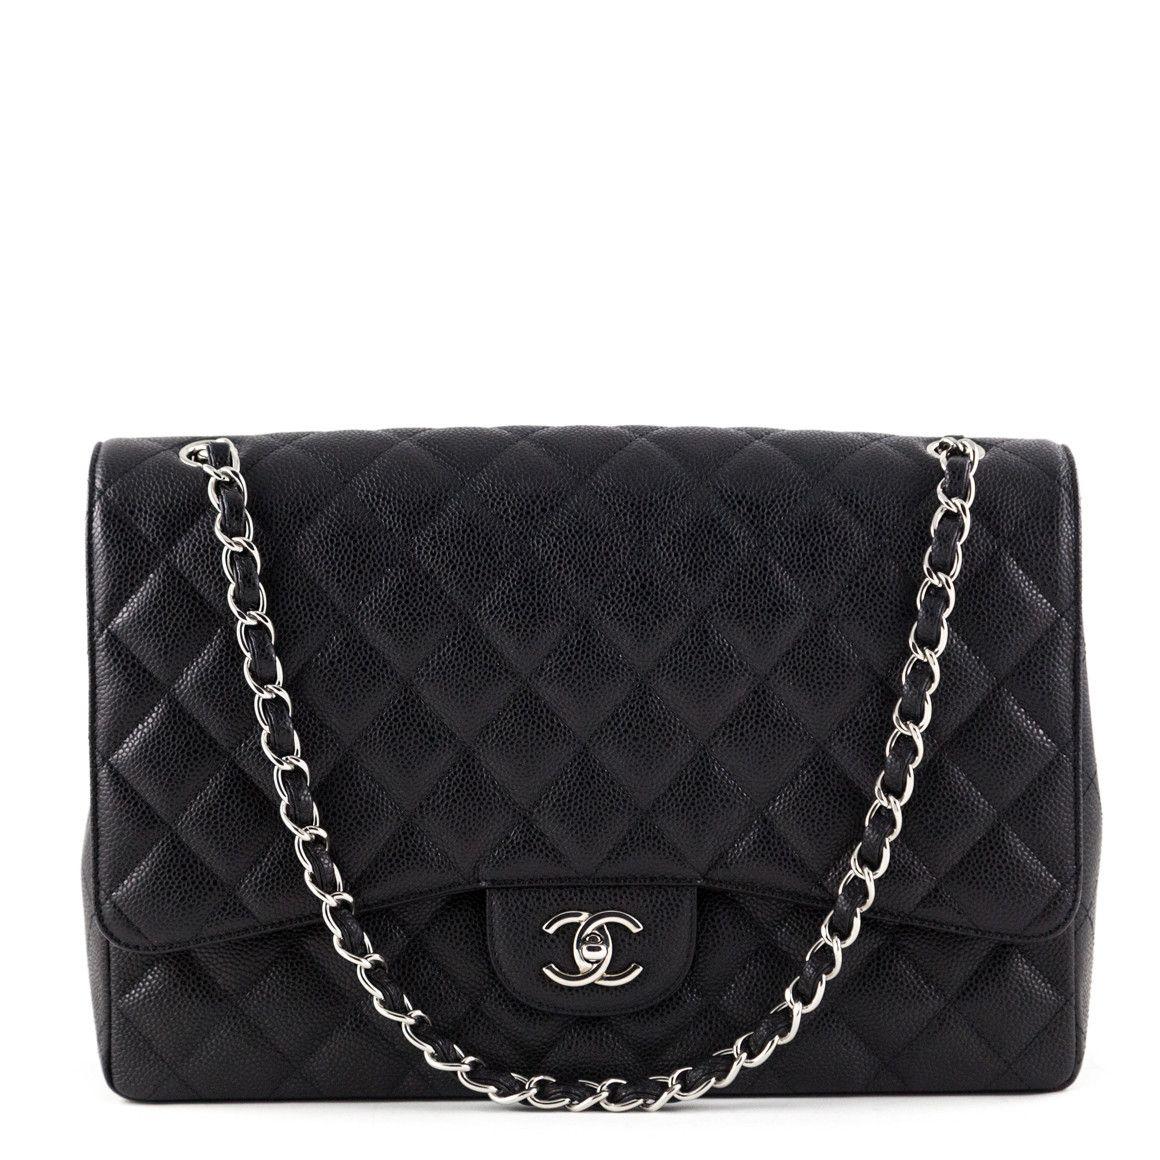 Chanel_Black_Caviar_Maxi-1.jpg